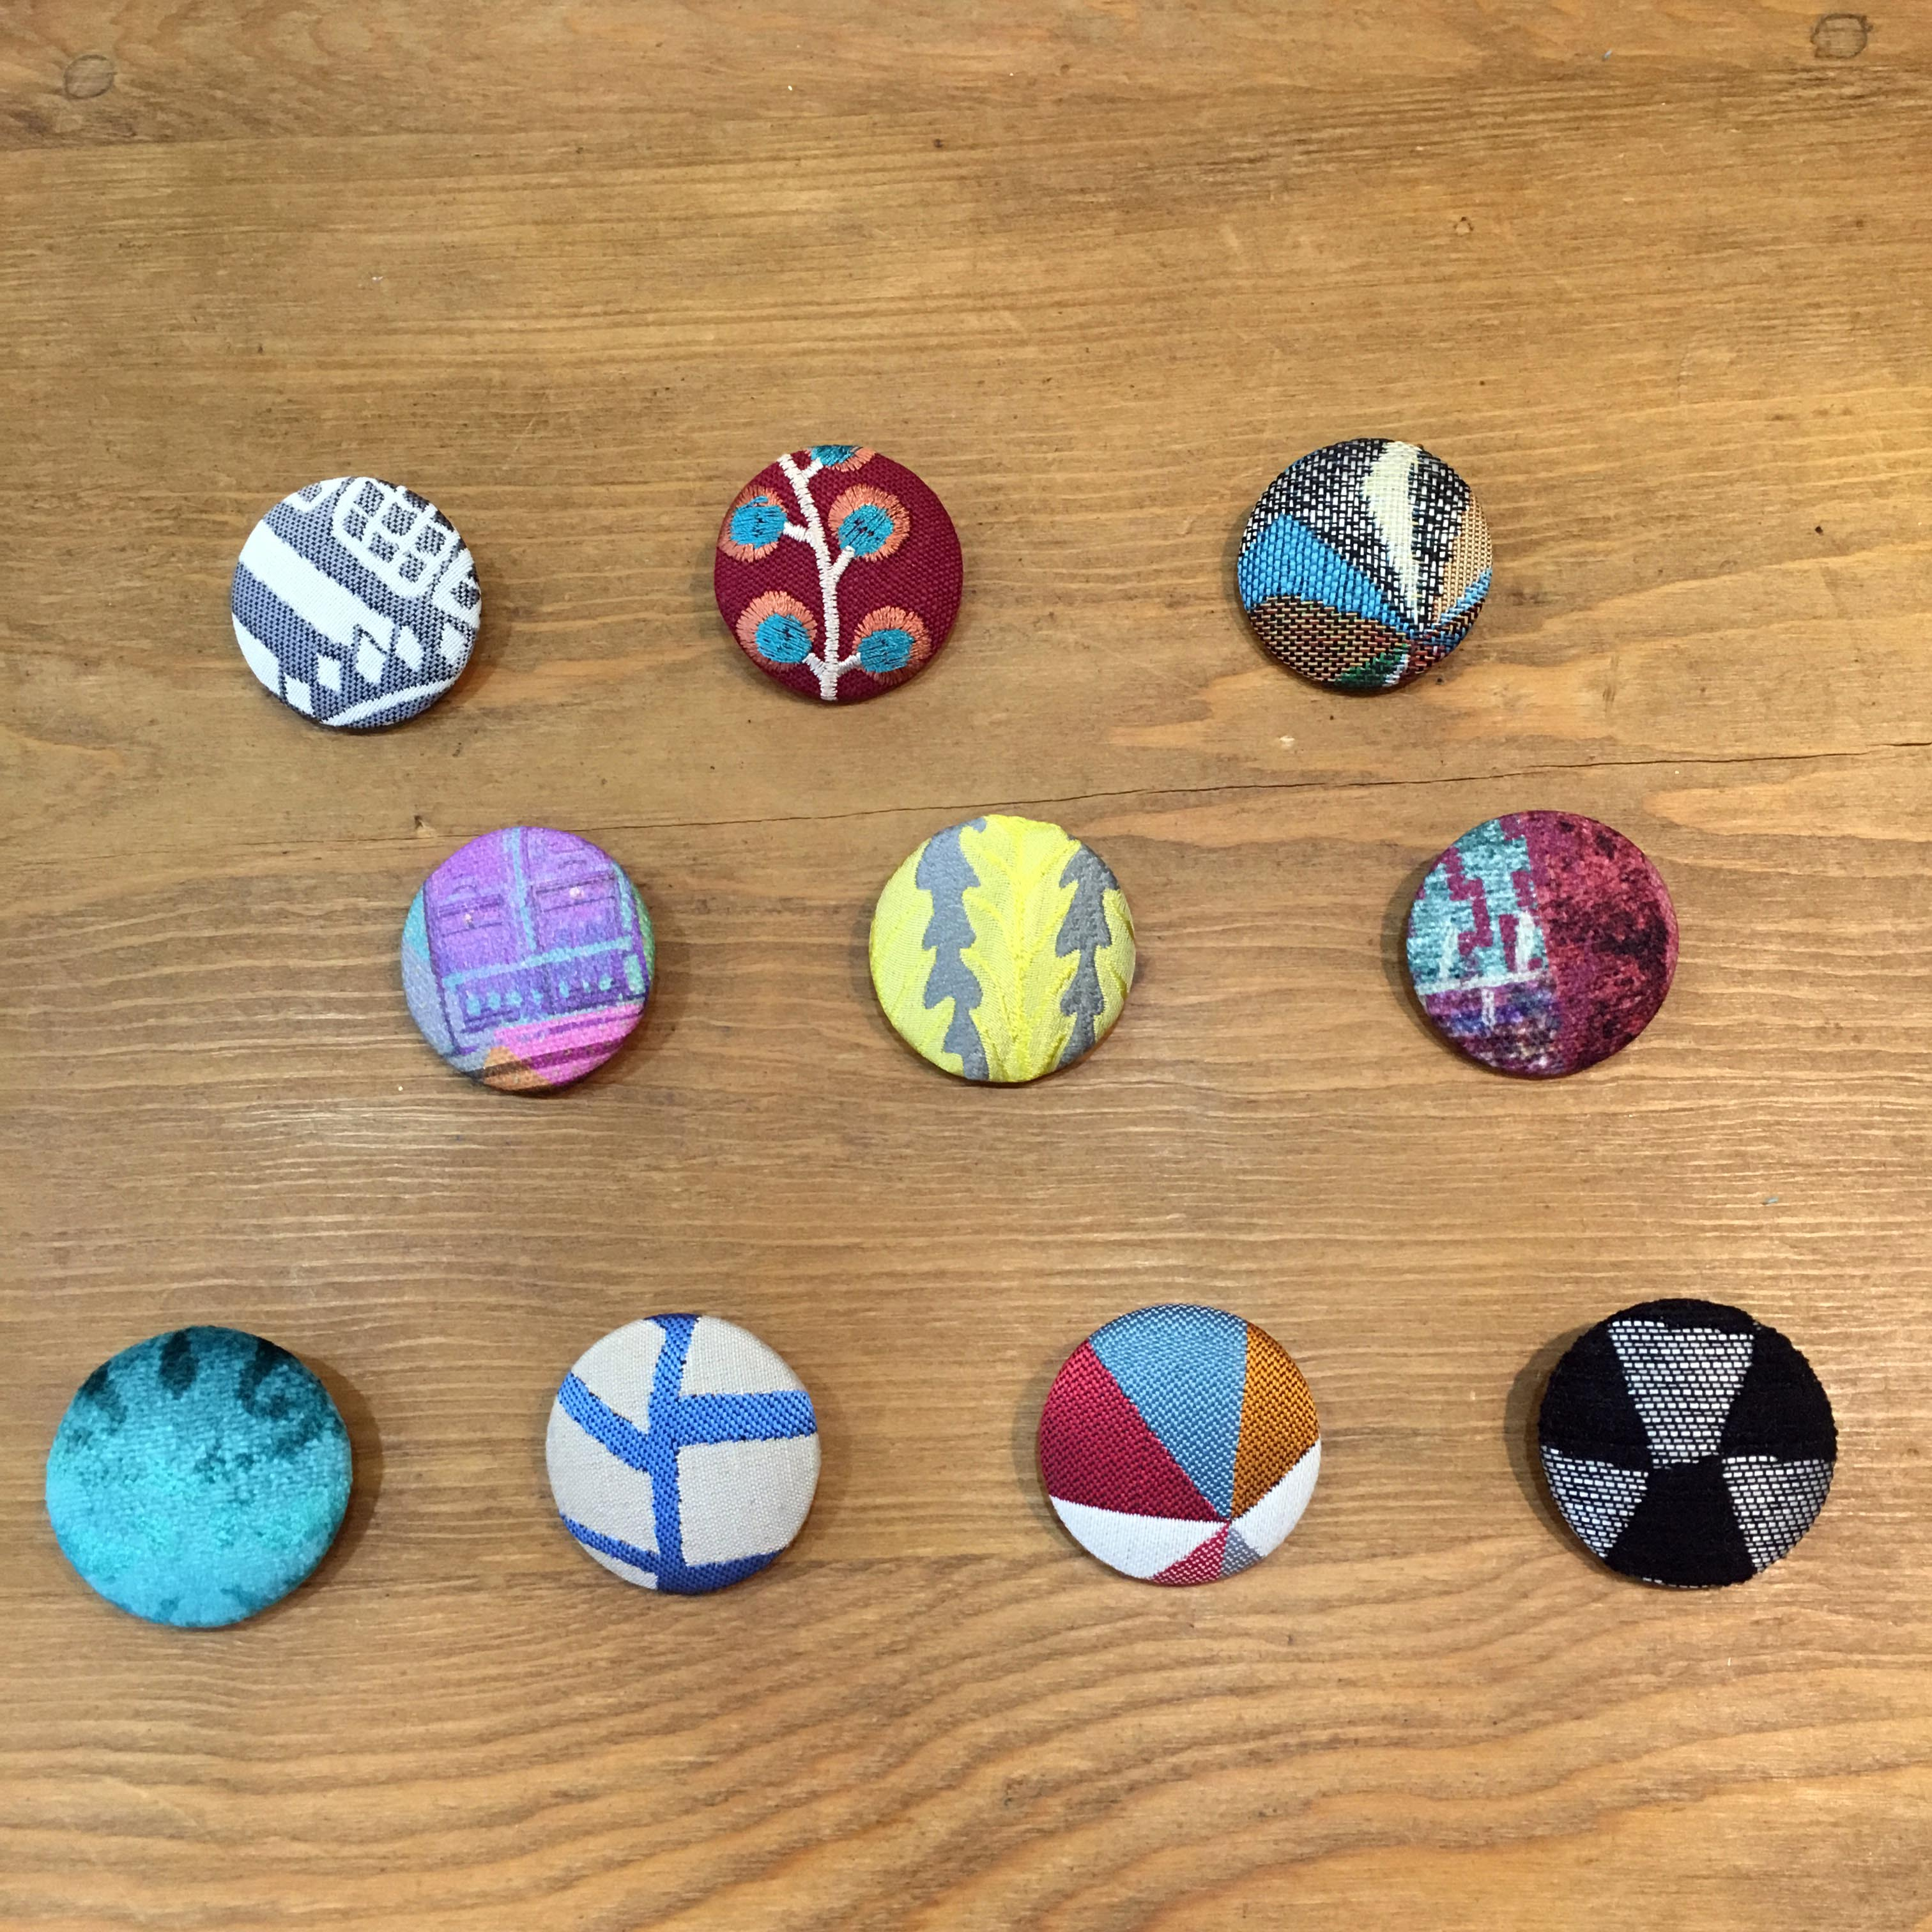 ヨーロッパの生地で作ったオリジナルくるみボタンです。